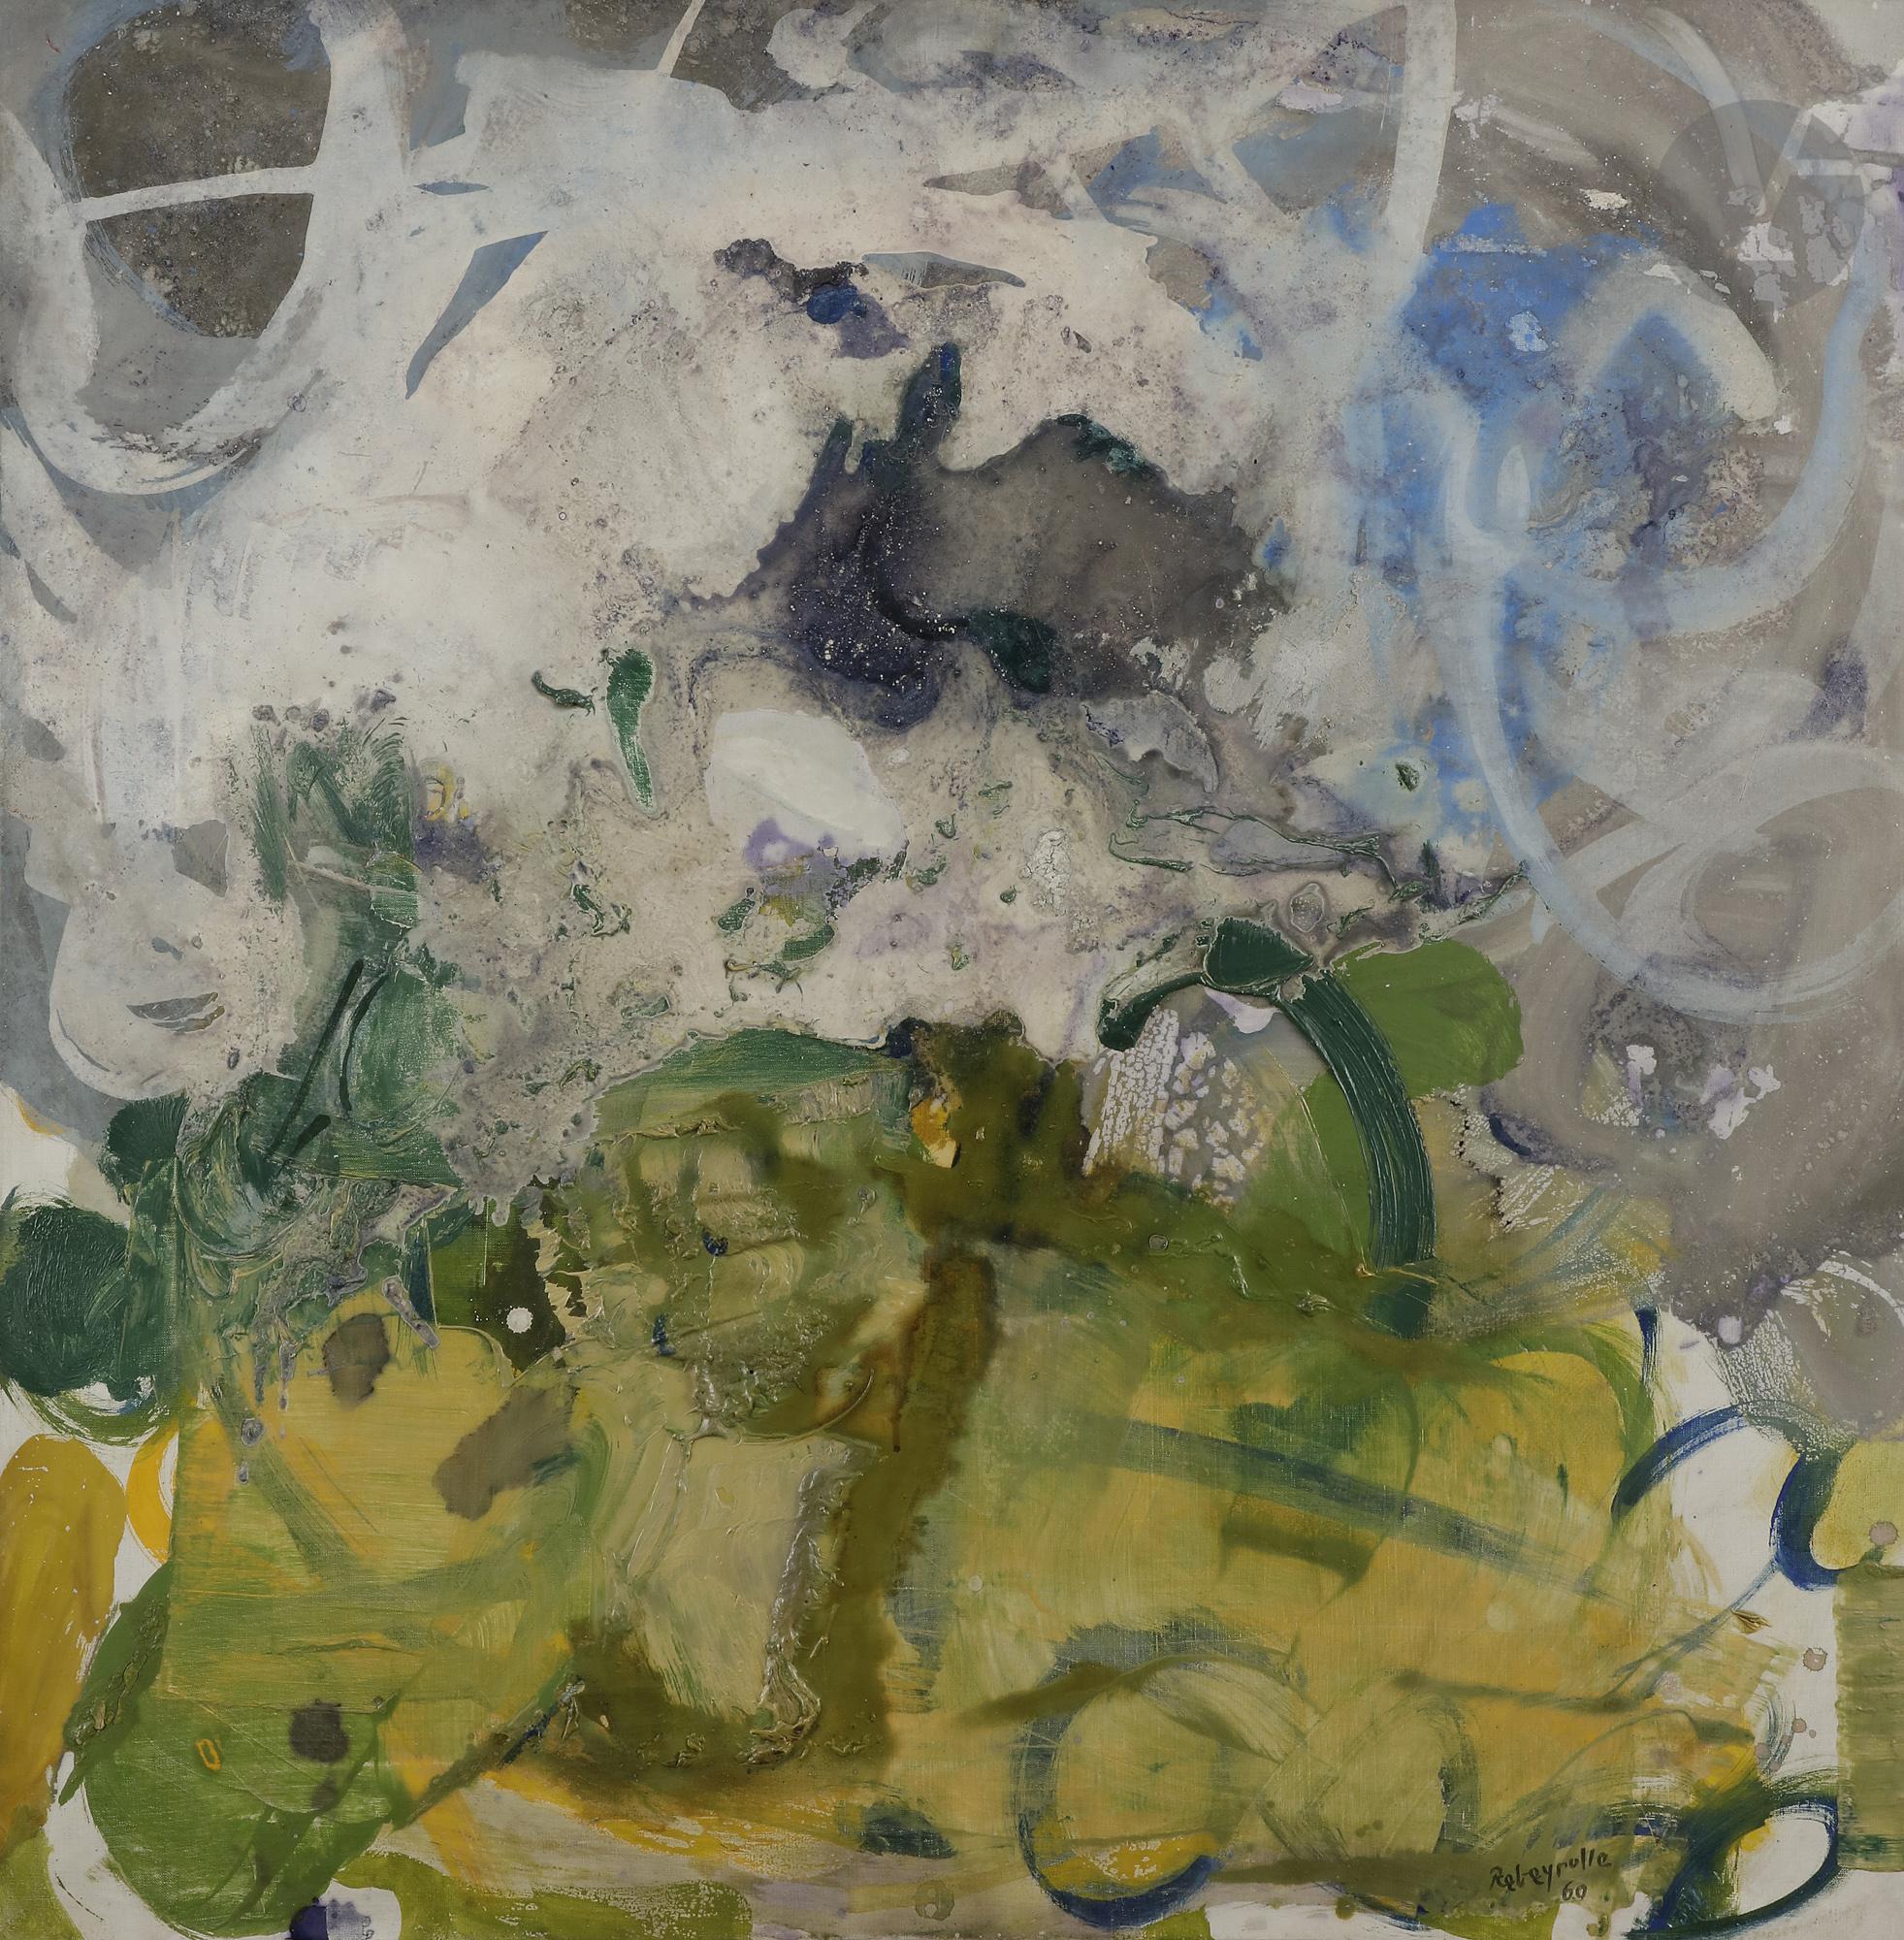 Lot 43 - Paul REBEYROLLE (1926-2005) Paysage, 1960 Huile sur toile. Signée et datée en bas à droite. (